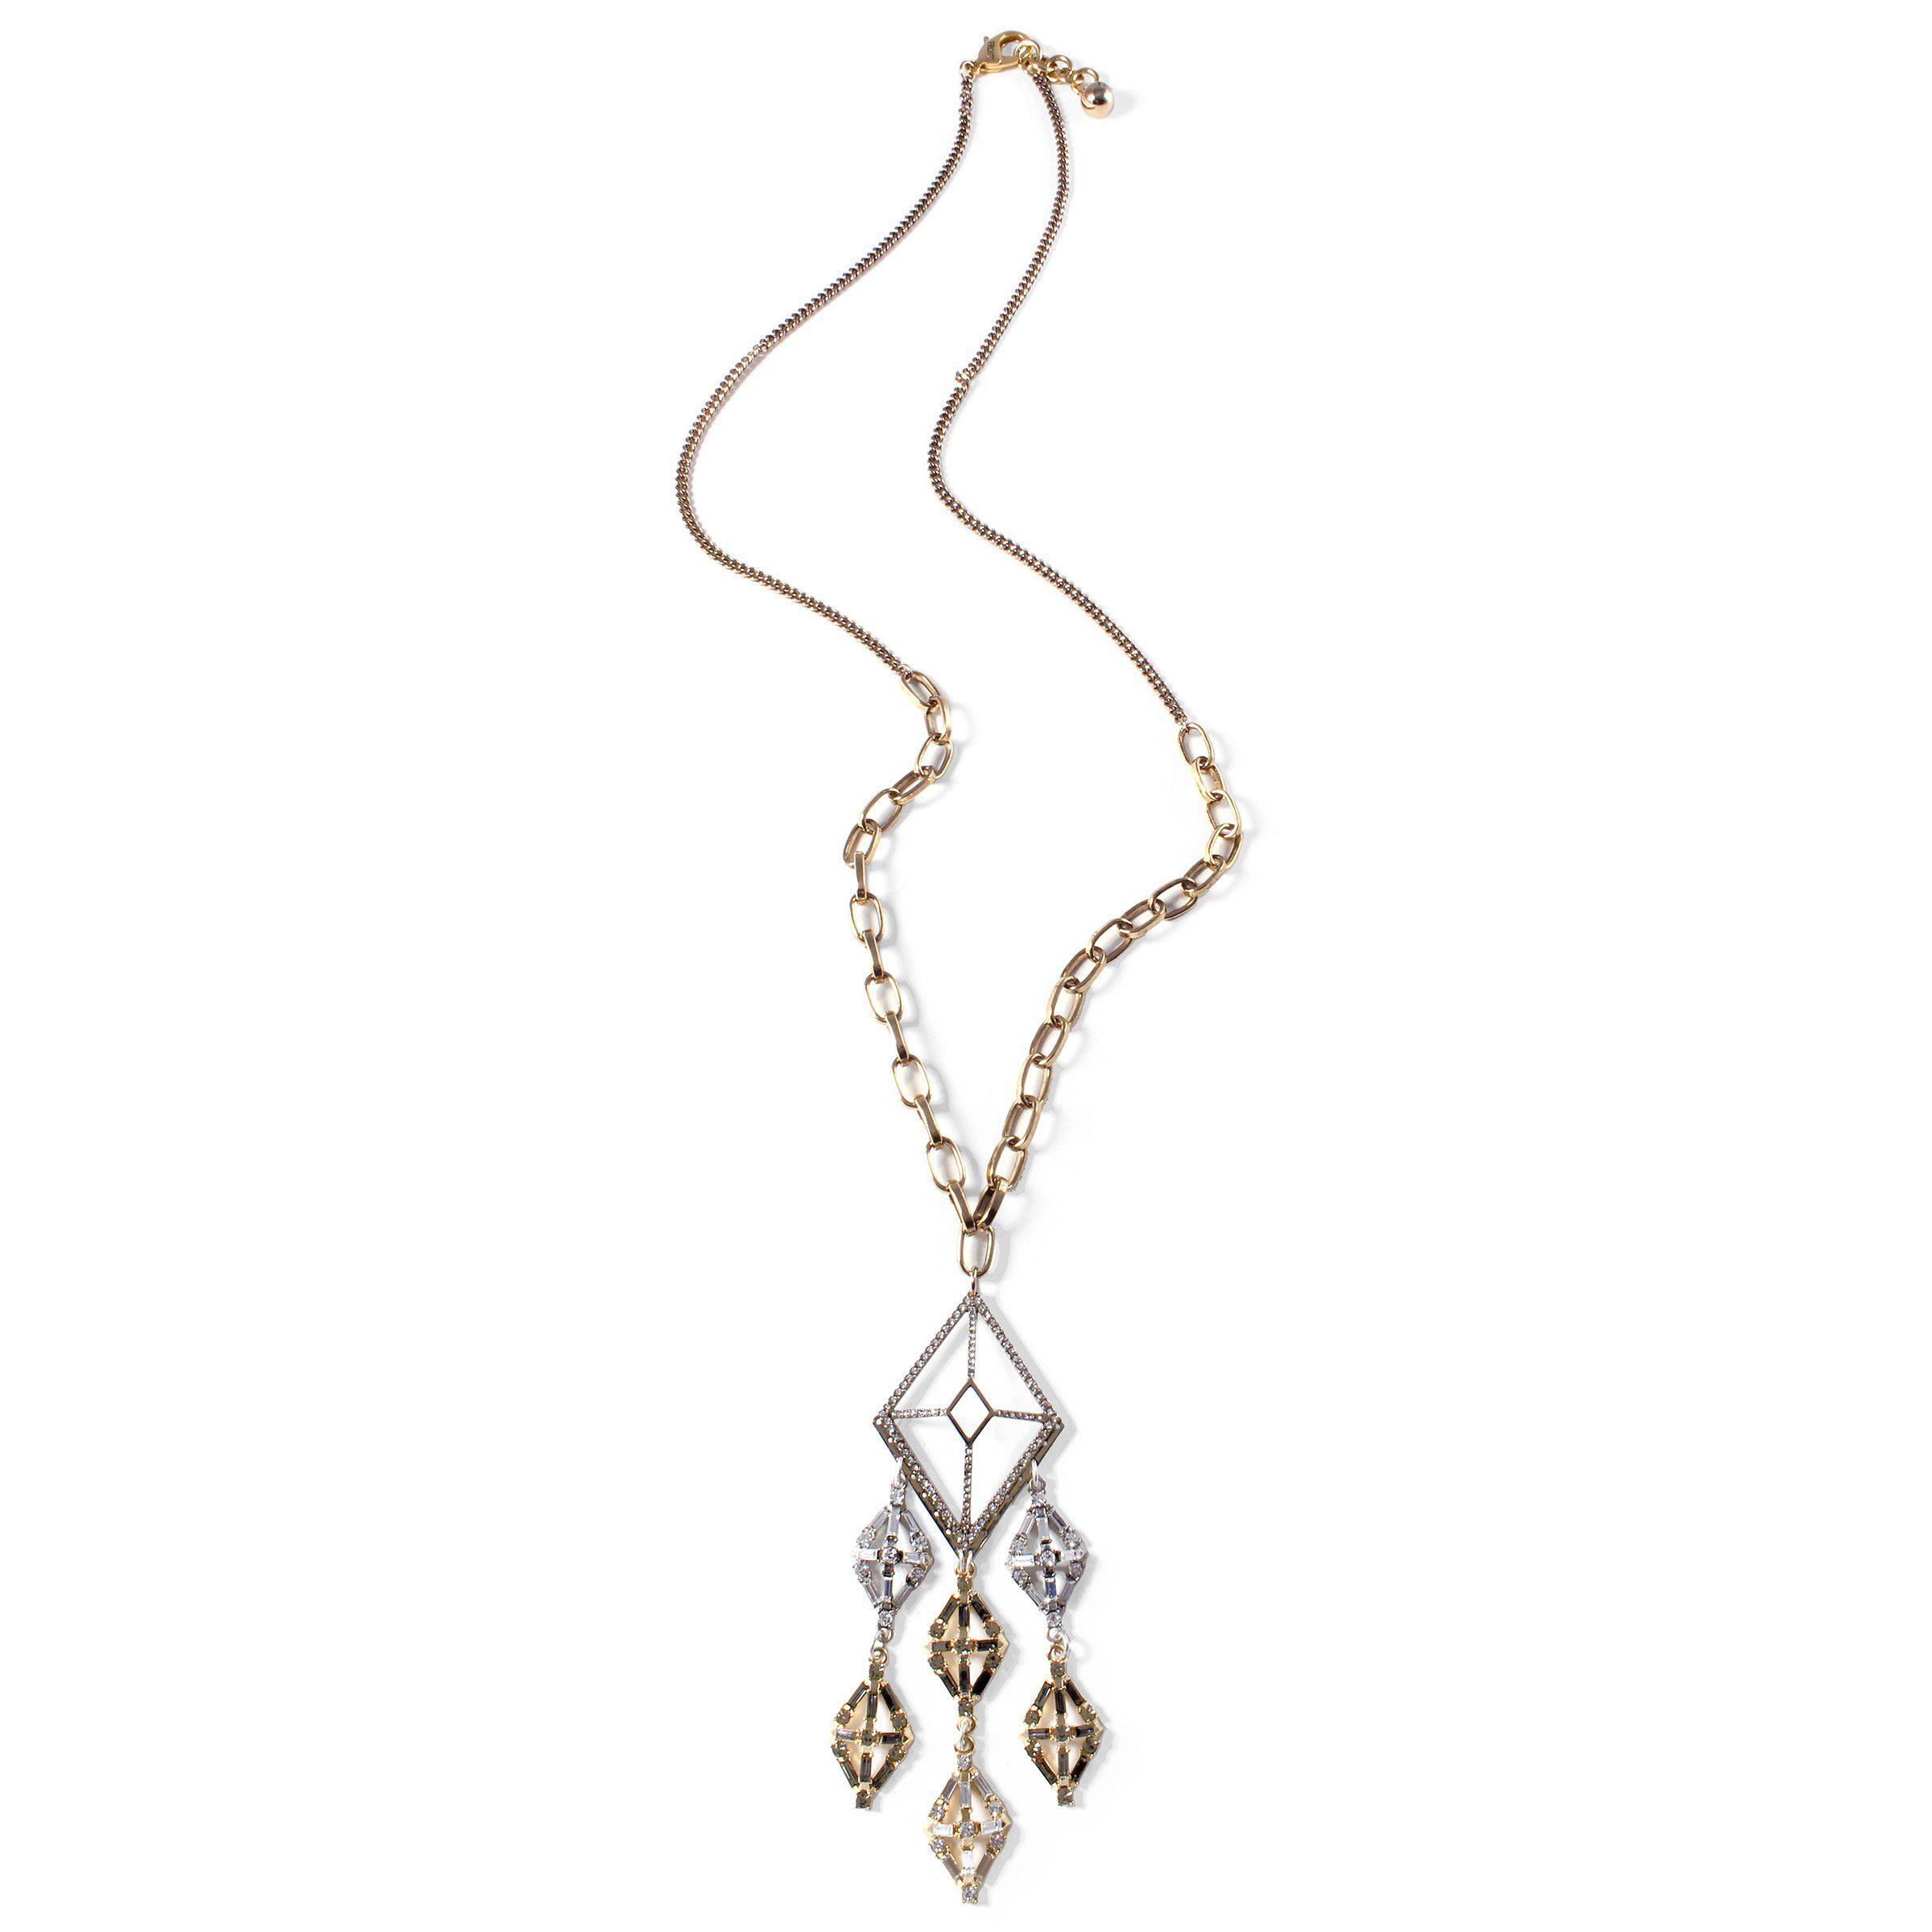 Lulu Frost Gloria Long Crystal Pendant Necklace JnDcK